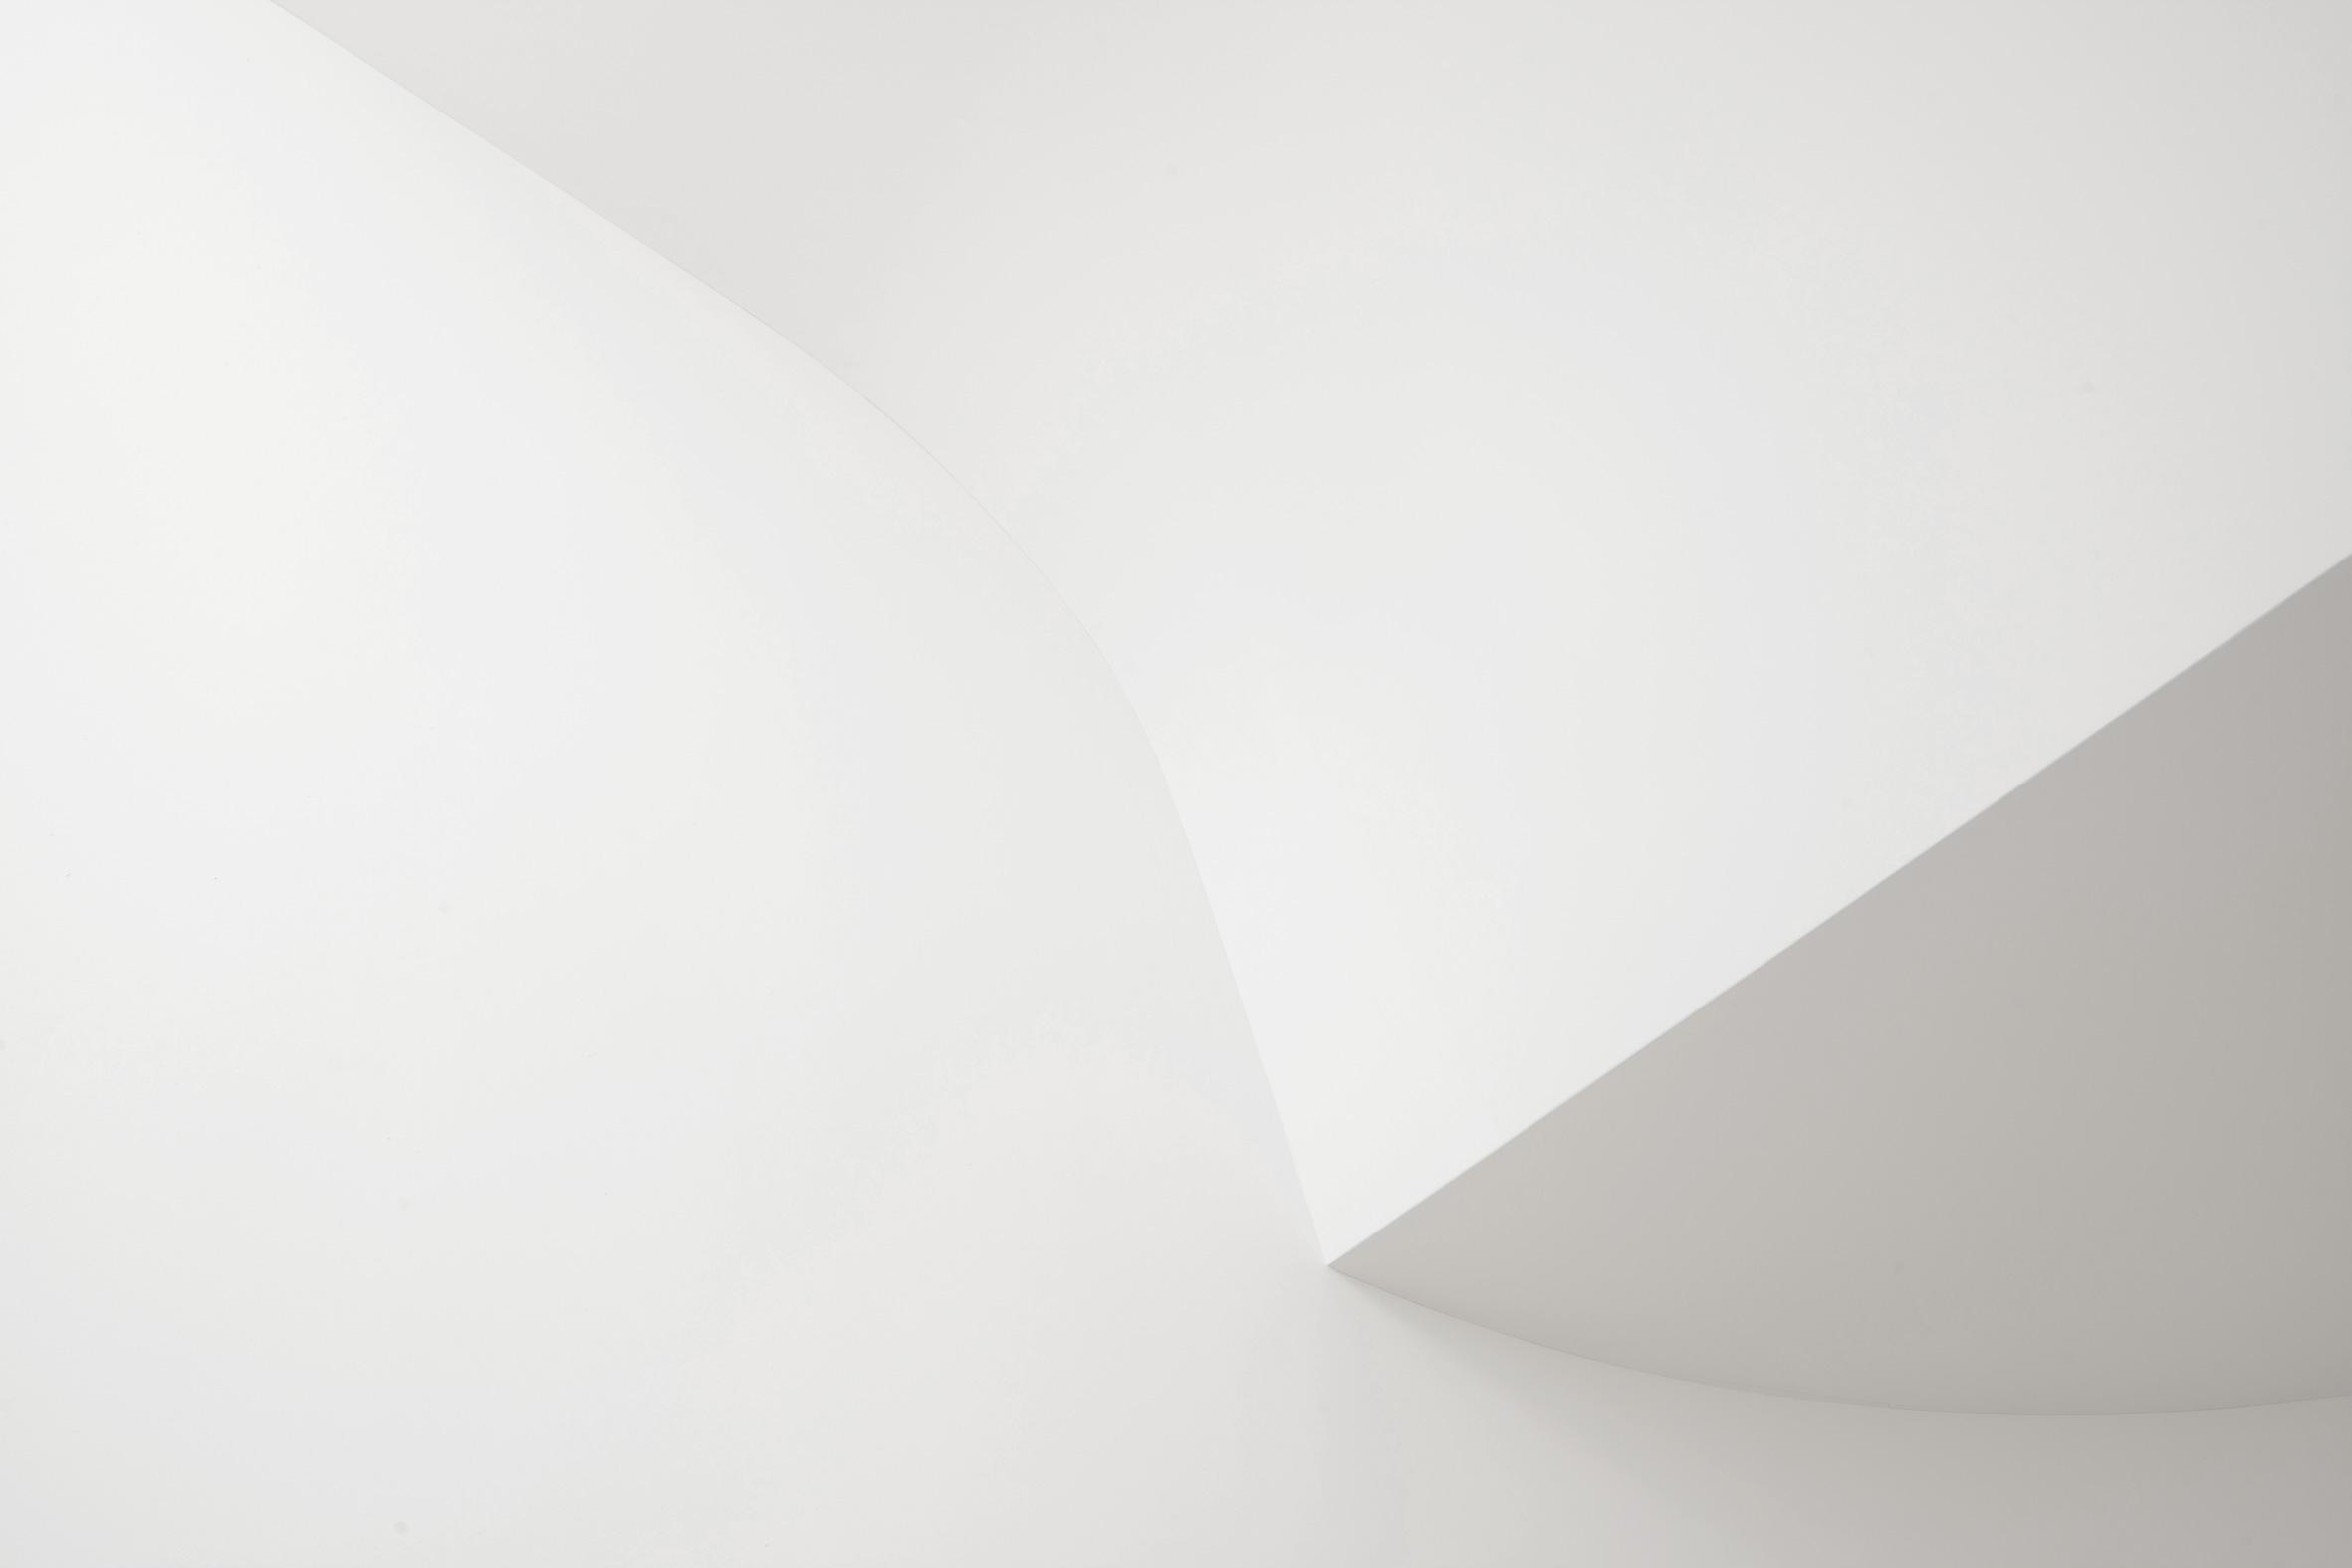 ZARA architetti